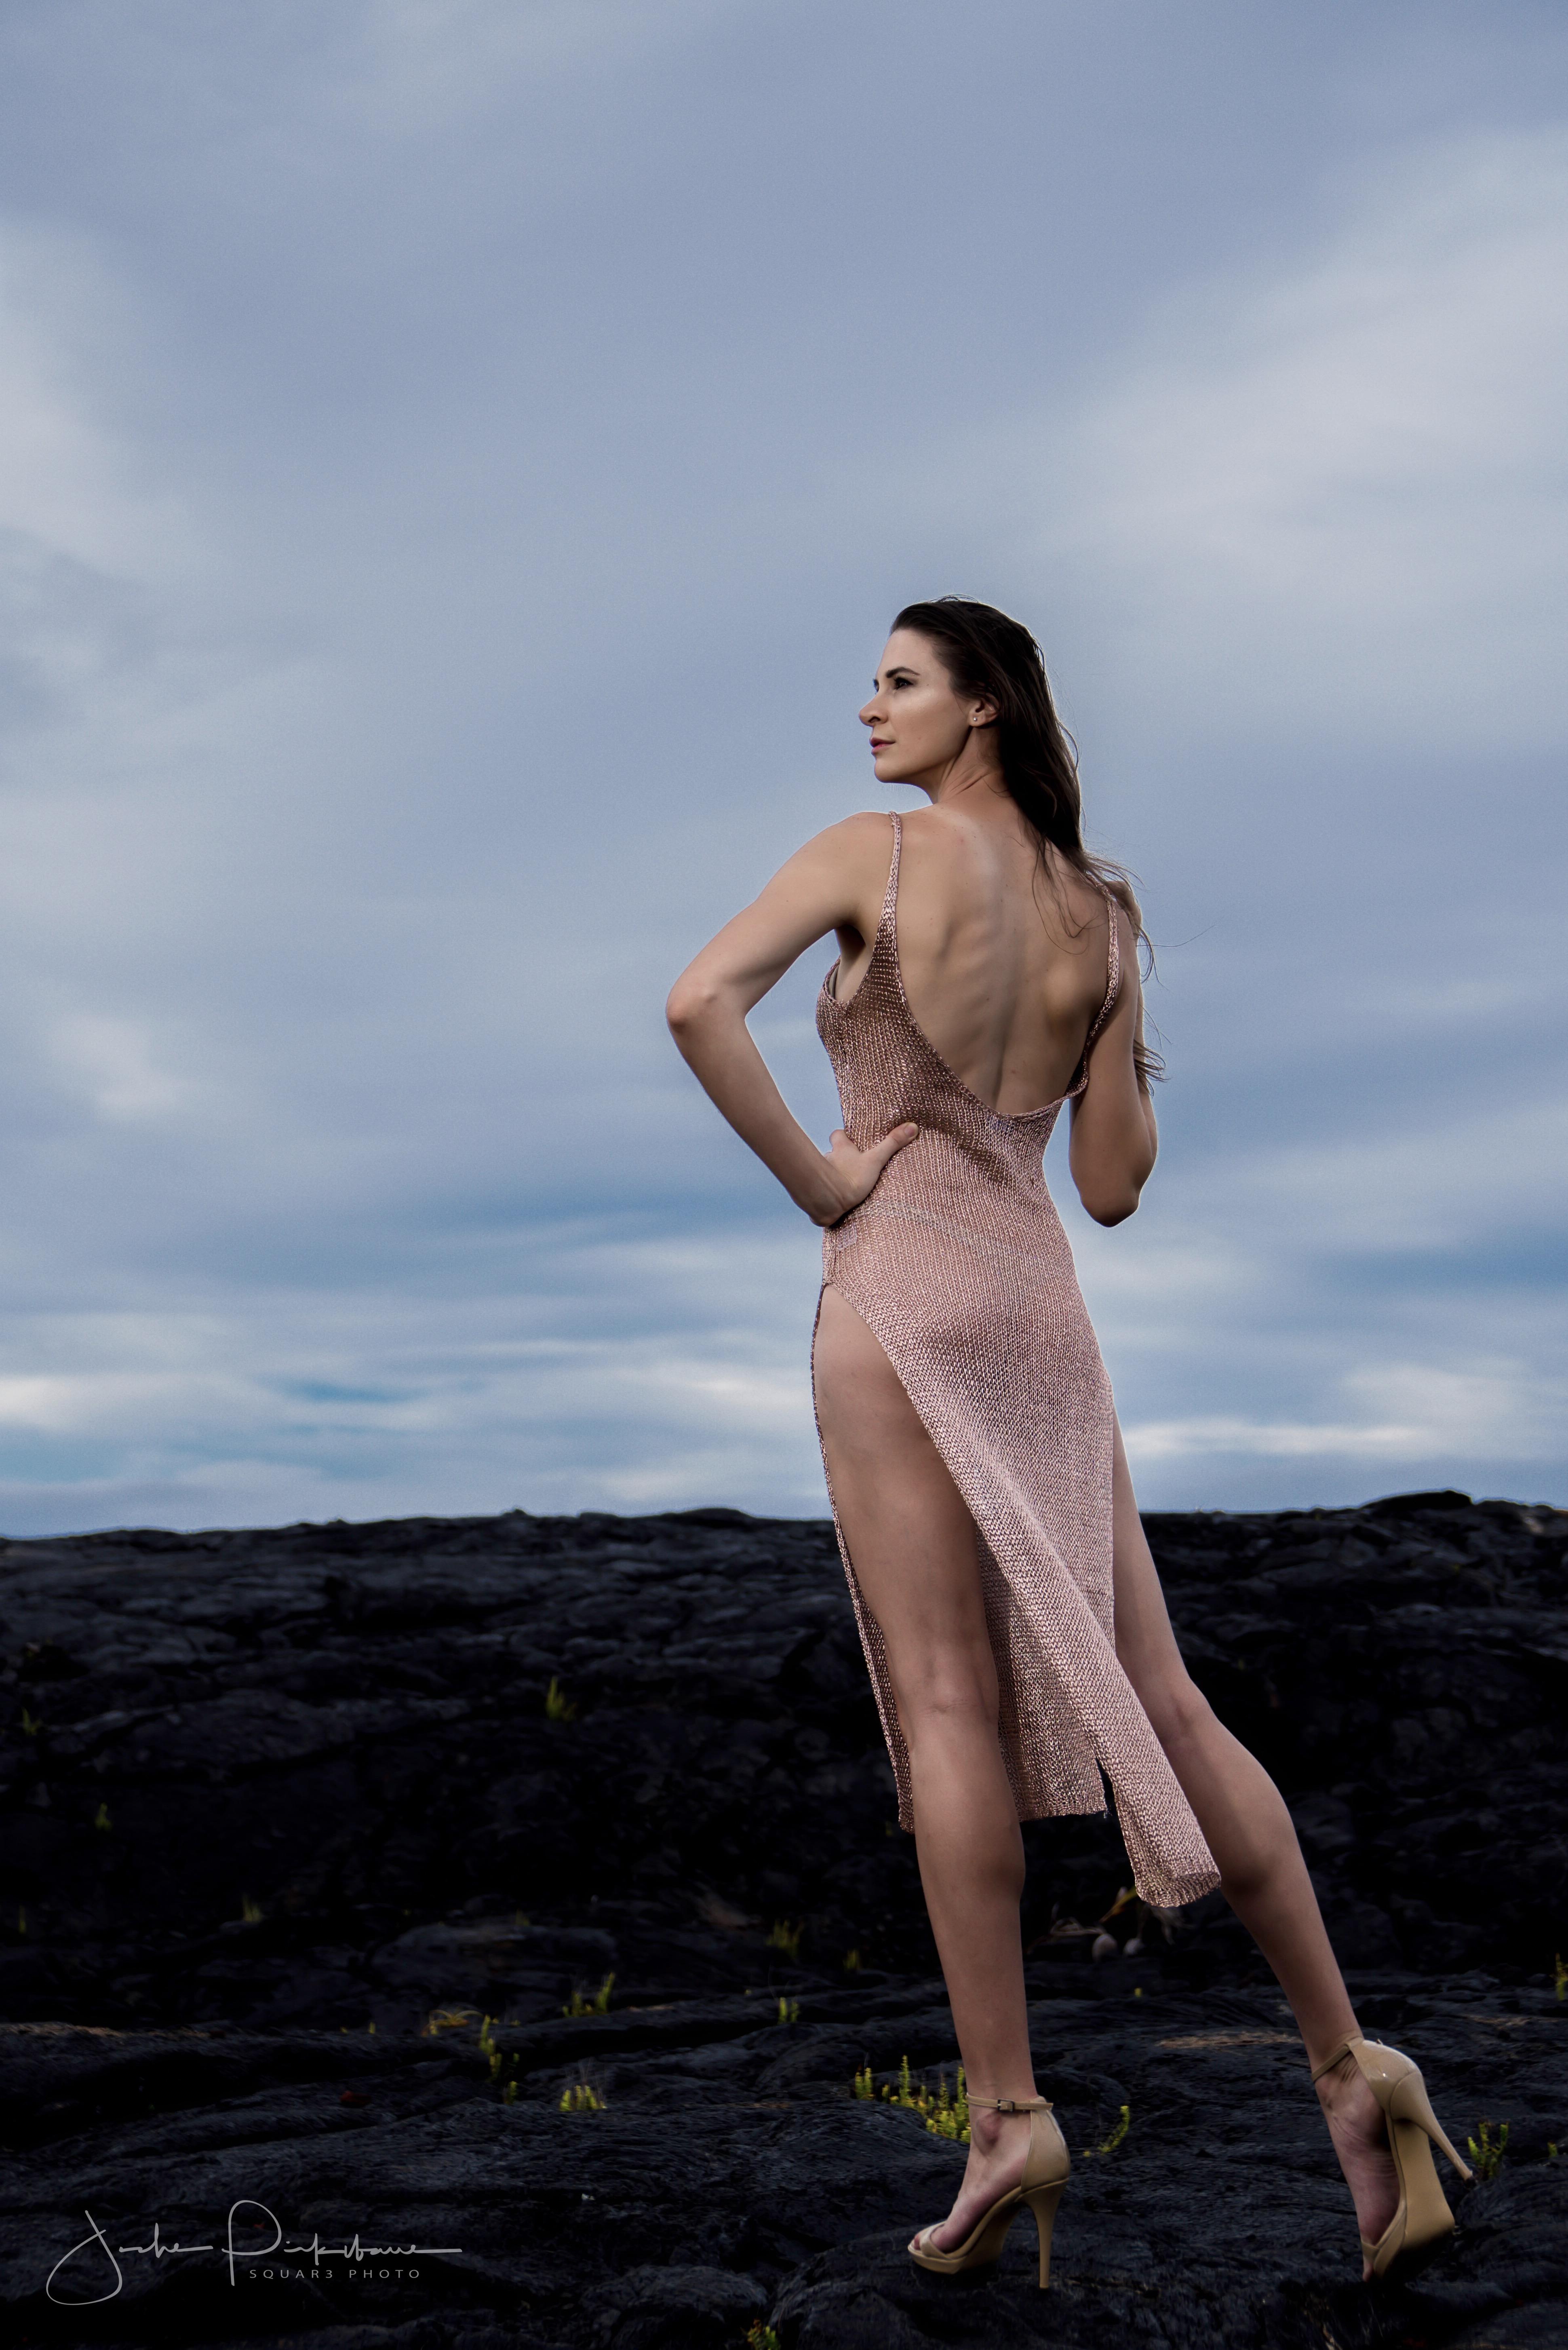 Vanessa Houle